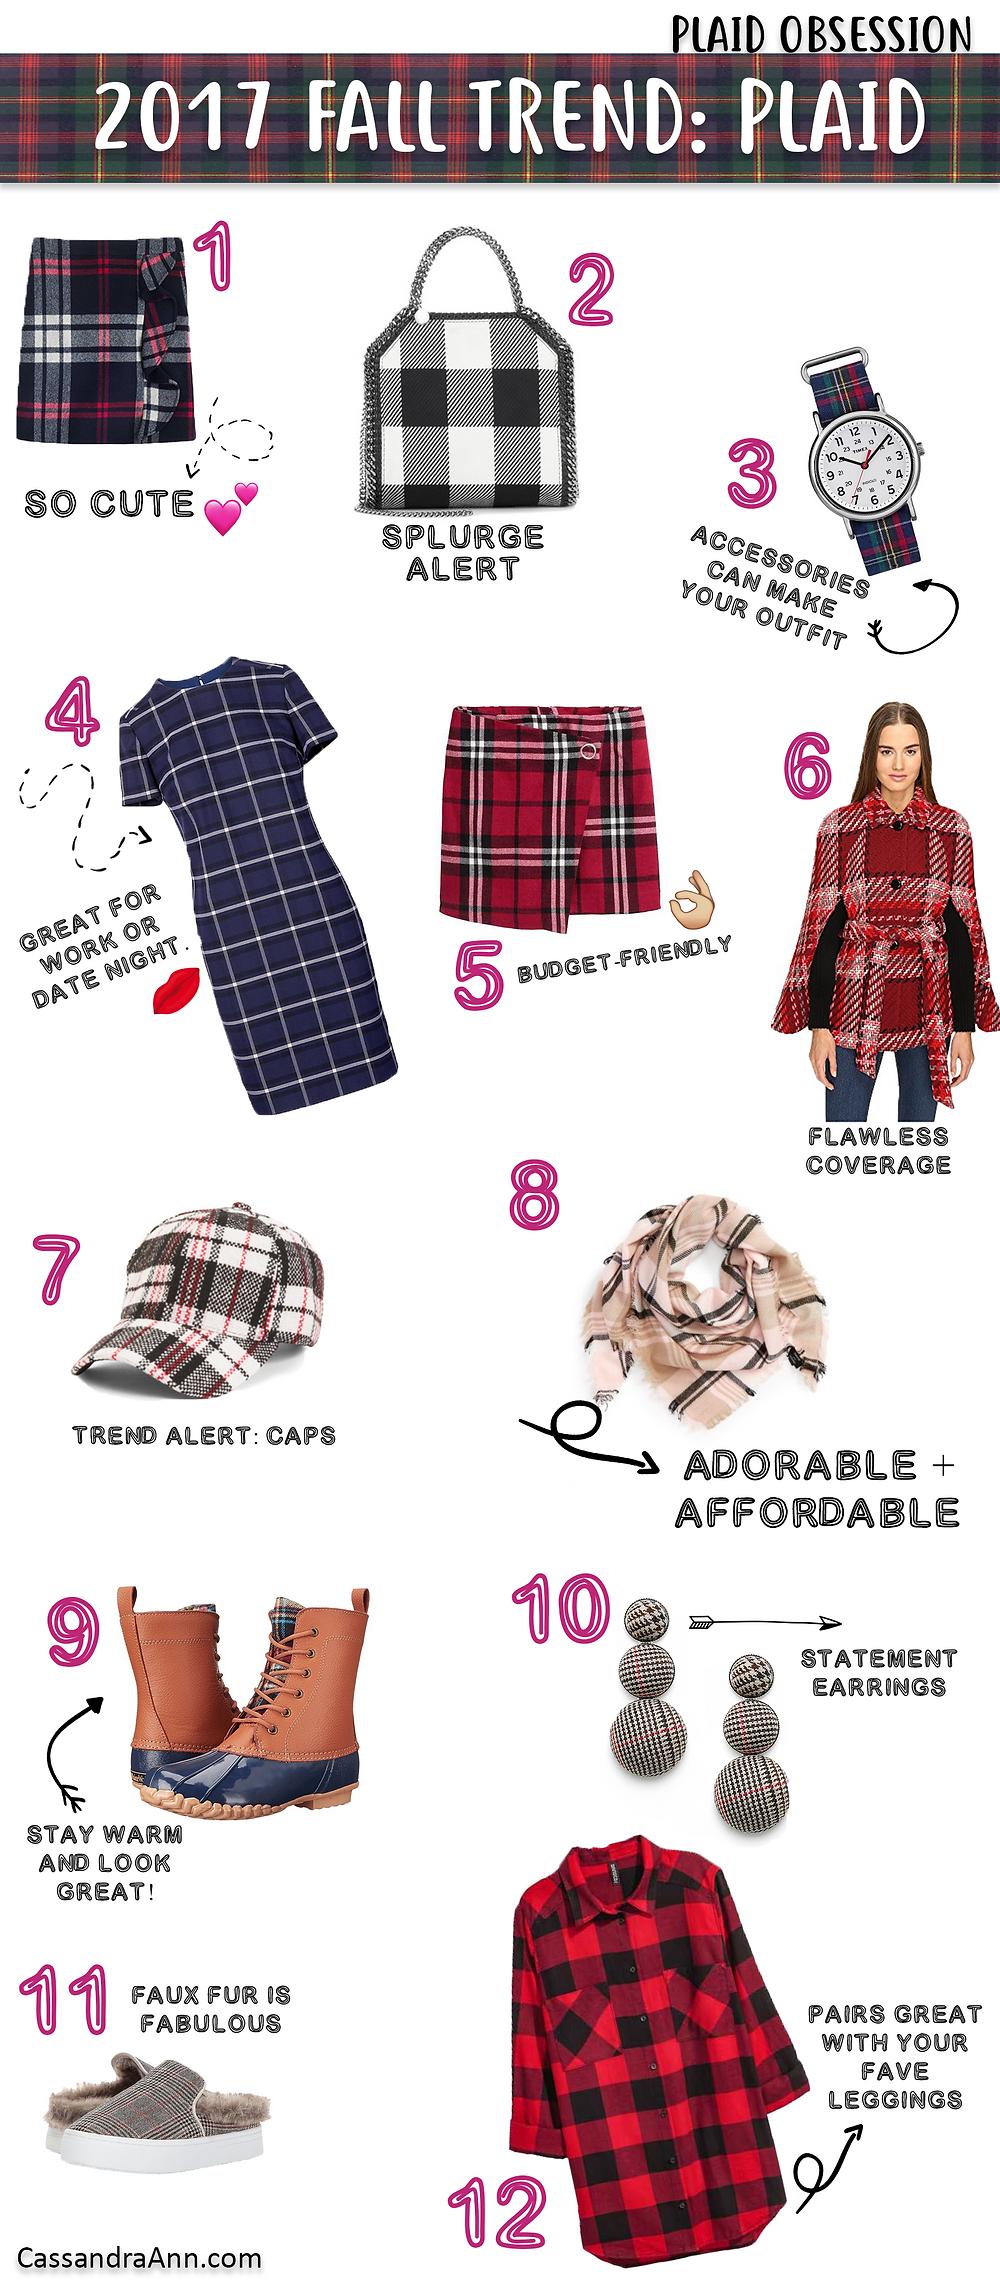 2017 Fall Trend: Plaid - Plaid Fashion - Winter Fashion - Fall Fashion - Lifestyle Blogger - The Sweetest Thing Blog